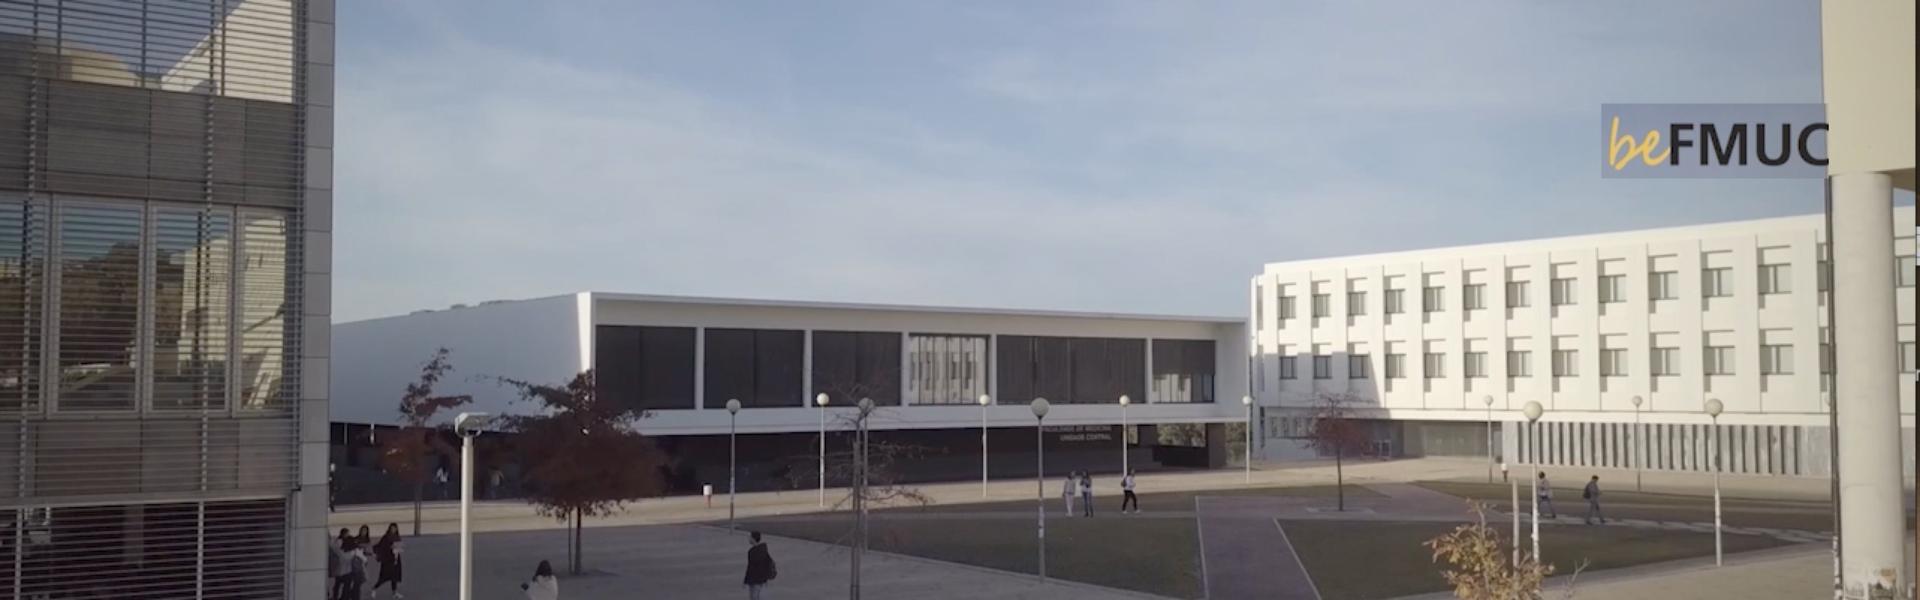 Vídeo de Apresentação da Faculdade de Medicina da Universidade de Coimbra